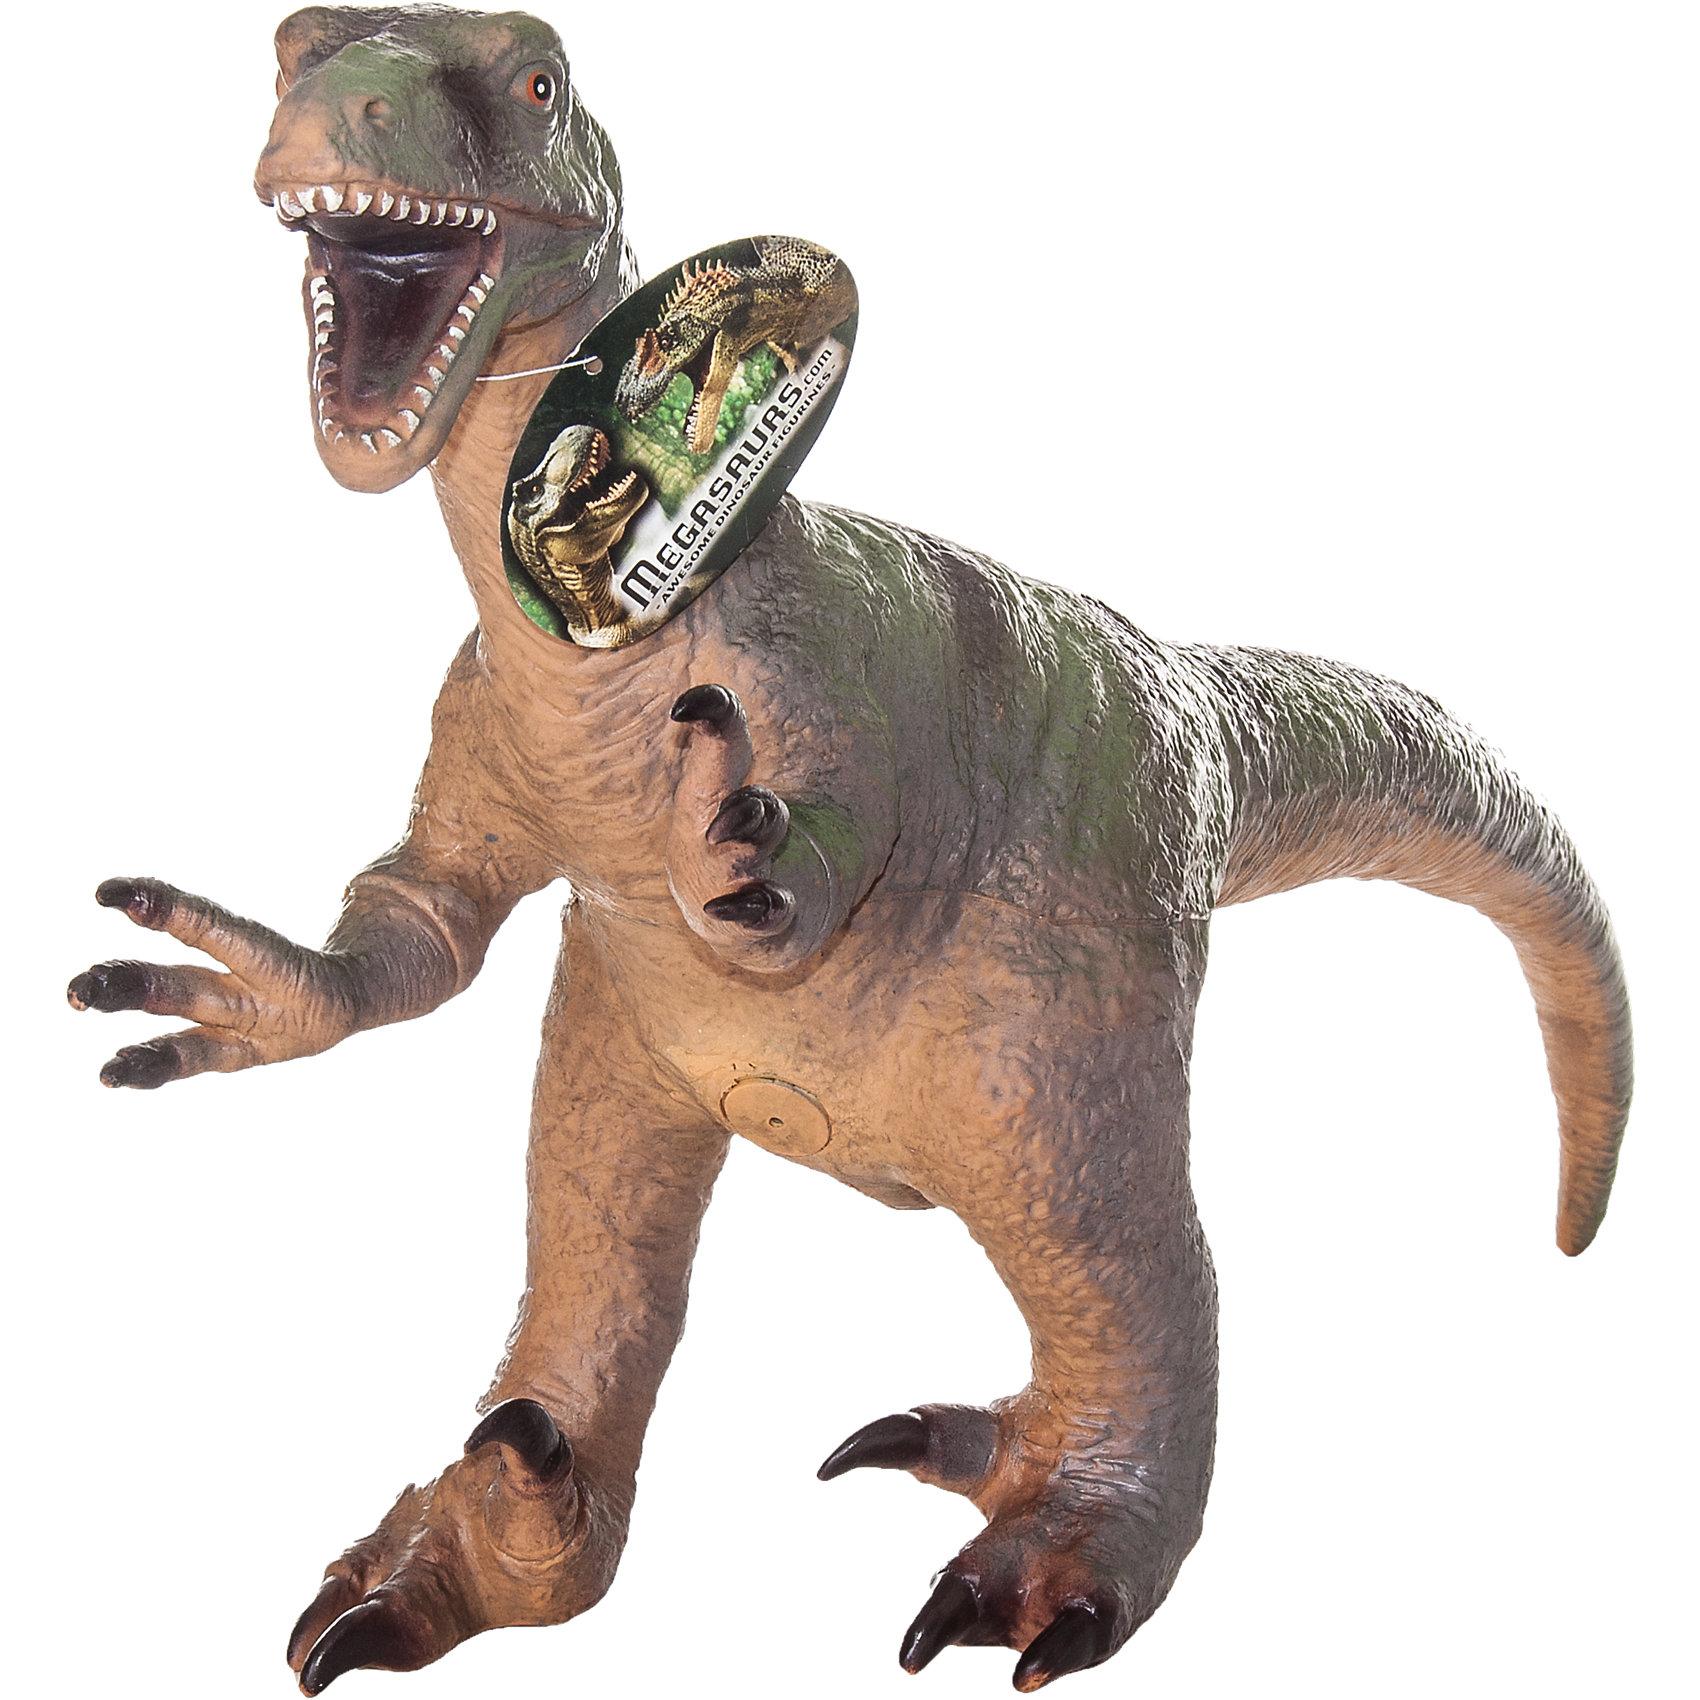 Фигурка динозавра Велоцираптор, HGLДраконы и динозавры<br>Детей всех возрастов привлекают фильмы и рассказы о доисторических временах и чудесных динозаврах, населявших Землю до возникновения человека. Подстегните фантазию юного любителя древностей - подарите ему динозавра из серии игрушек HGL. Специалисты компании создавали игрушки максимально похожими на своих прародителей, поэтому динозавры HGL такие интересные. Велоцираптор - фигурка небольшого доисторического ящера, обитавшего на Земле 70 миллионов лет тому назад. Это были животные достигавшие в длину 2 метров и передвигавшиеся на двух задних лапах. Велоцирапторы были частично покрыты перьями и несмотря на небольшой размер были очень опасны если собирались в стаи. Ни одна история об эре динозавров невозможна без этого необычного динозавра. Ребенок будет в восторге от такого замечательного подарка. Массивный динозавр сделан из мягкого ПВХ безопасного для ребенка. Внушительные размеры и отличная детализация Велоцираптора помогут ребенку окунуться в далекий и такой манящий доисторический мир, полный приключений.<br><br>Дополнительная информация:<br><br>- Внешний вид фигурки основан на реальных данных палеонтологов;<br>- Материал: ПВХ;<br>- Размер фигурки: 40 см;<br>- Размер упаковки: 47 х 32 х 15 см;<br>- Вес: 750 г<br><br>Фигурку динозавра Велоцираптор, HGL можно купить в нашем интернет-магазине.<br><br>Ширина мм: 470<br>Глубина мм: 320<br>Высота мм: 150<br>Вес г: 750<br>Возраст от месяцев: 36<br>Возраст до месяцев: 192<br>Пол: Унисекс<br>Возраст: Детский<br>SKU: 4135947